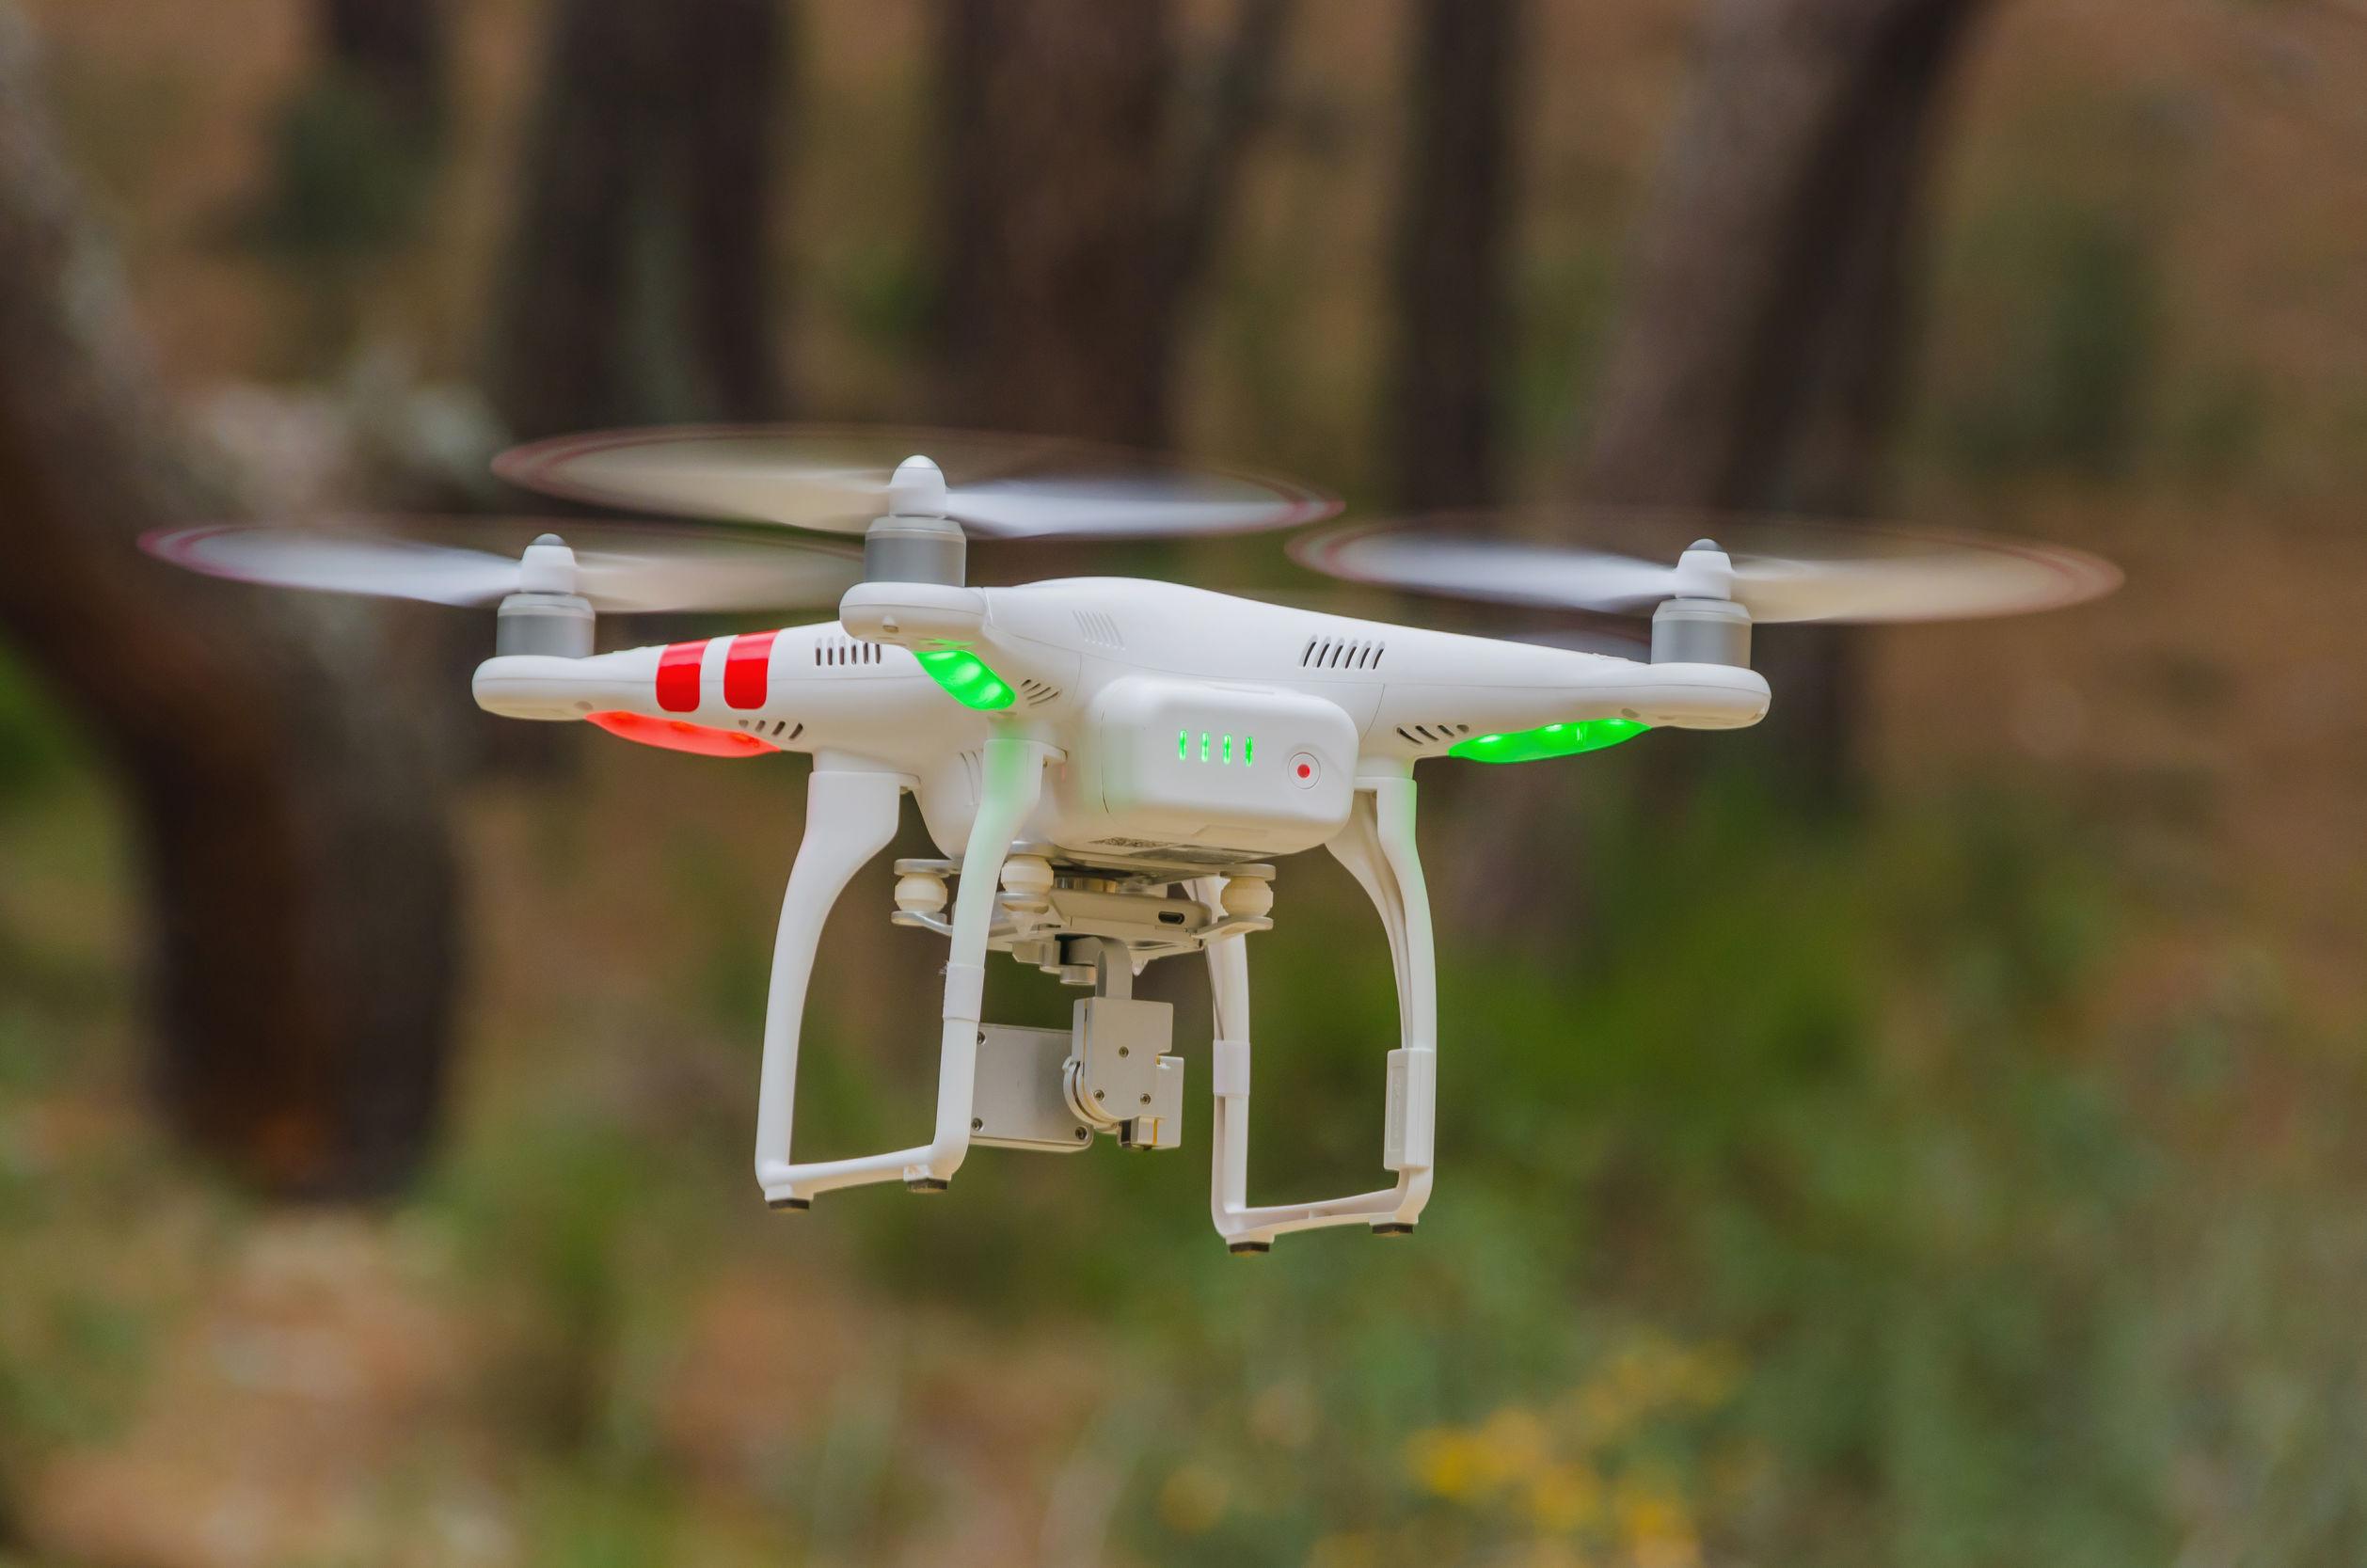 Un drone equipado con cuatro rotores y una cámara volando y toma de fotografías